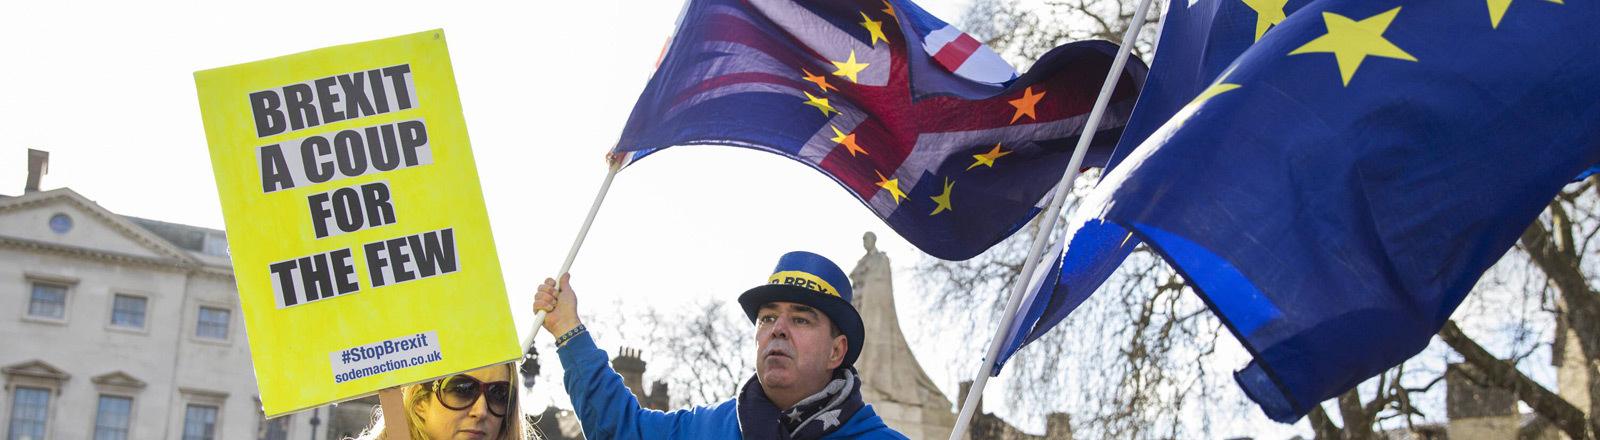 Brexit-Gegner.